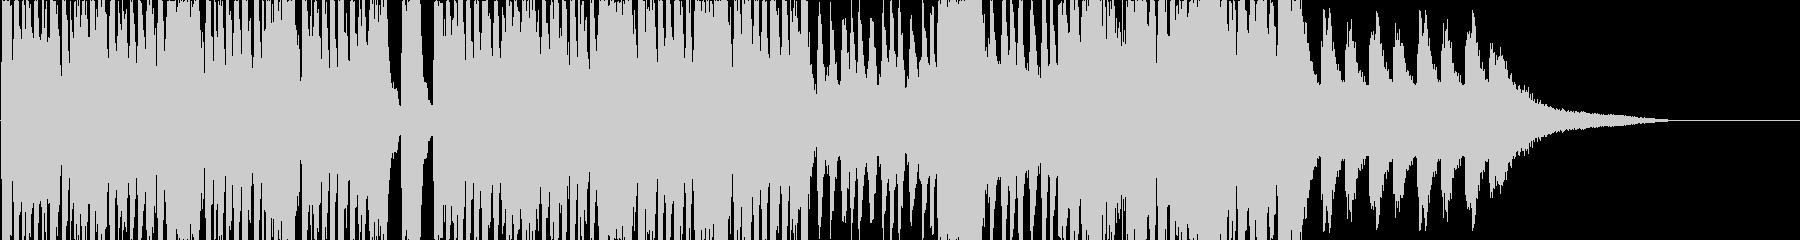 怪しく不気味な変拍子インストの未再生の波形